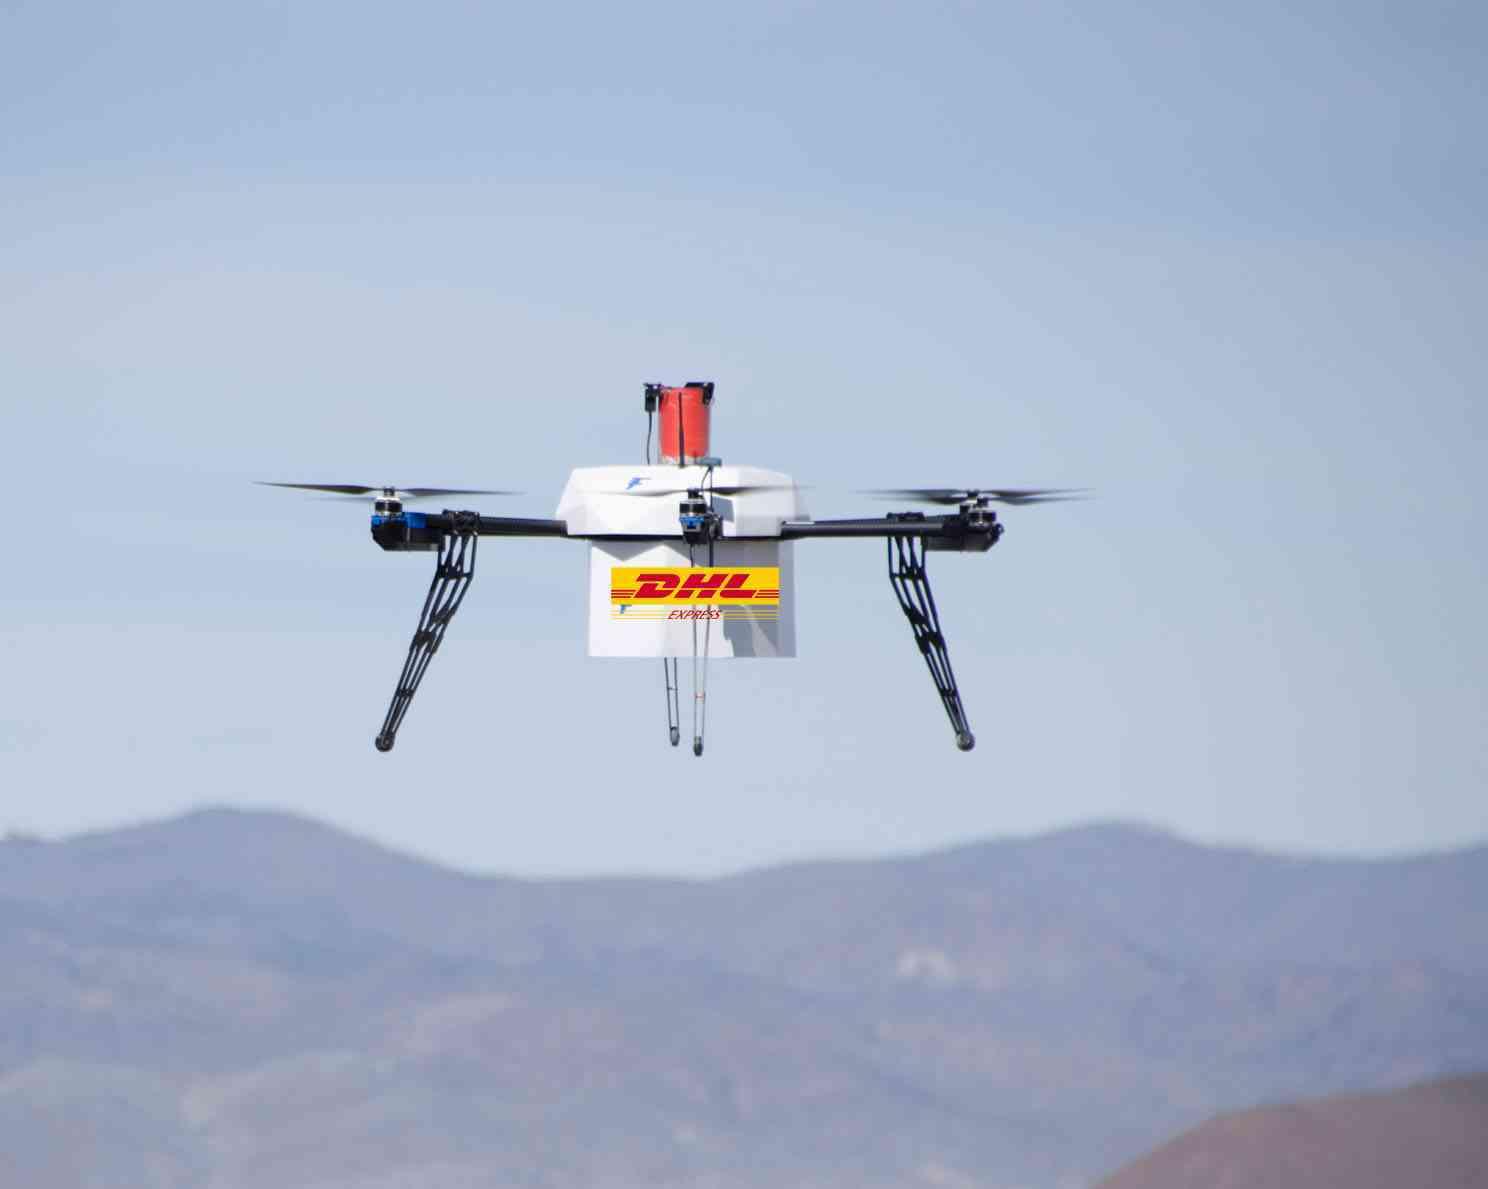 Sectores en la franquicia preparados para la nueva normativa de Drones 2